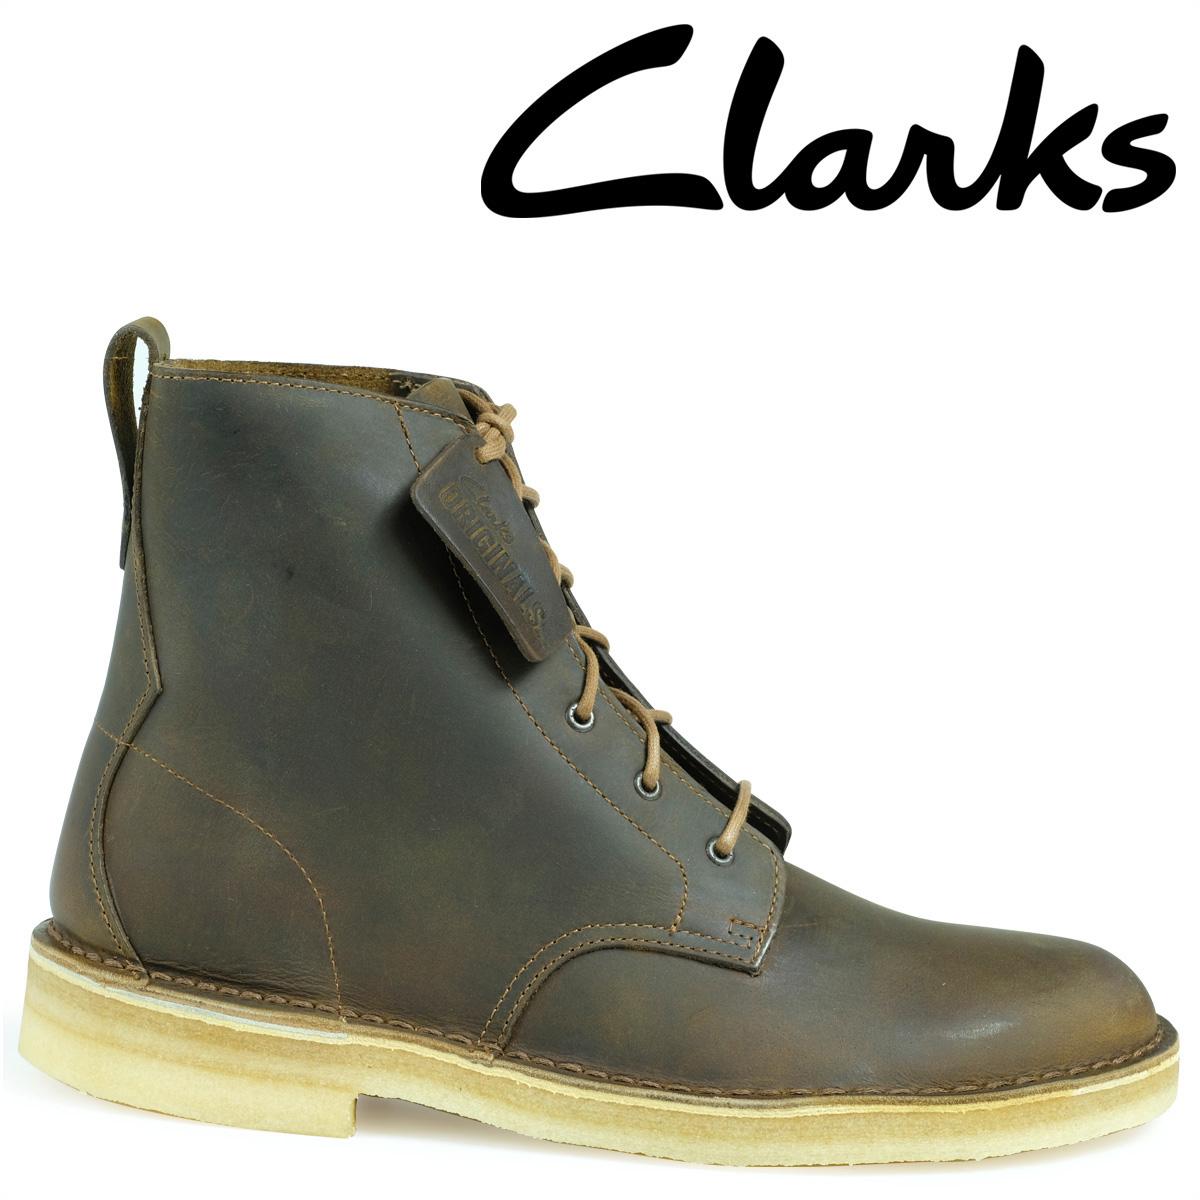 Clarks デザート マリ ブーツ クラークス メンズ DESERT MALI 26113253 靴 ブラウン